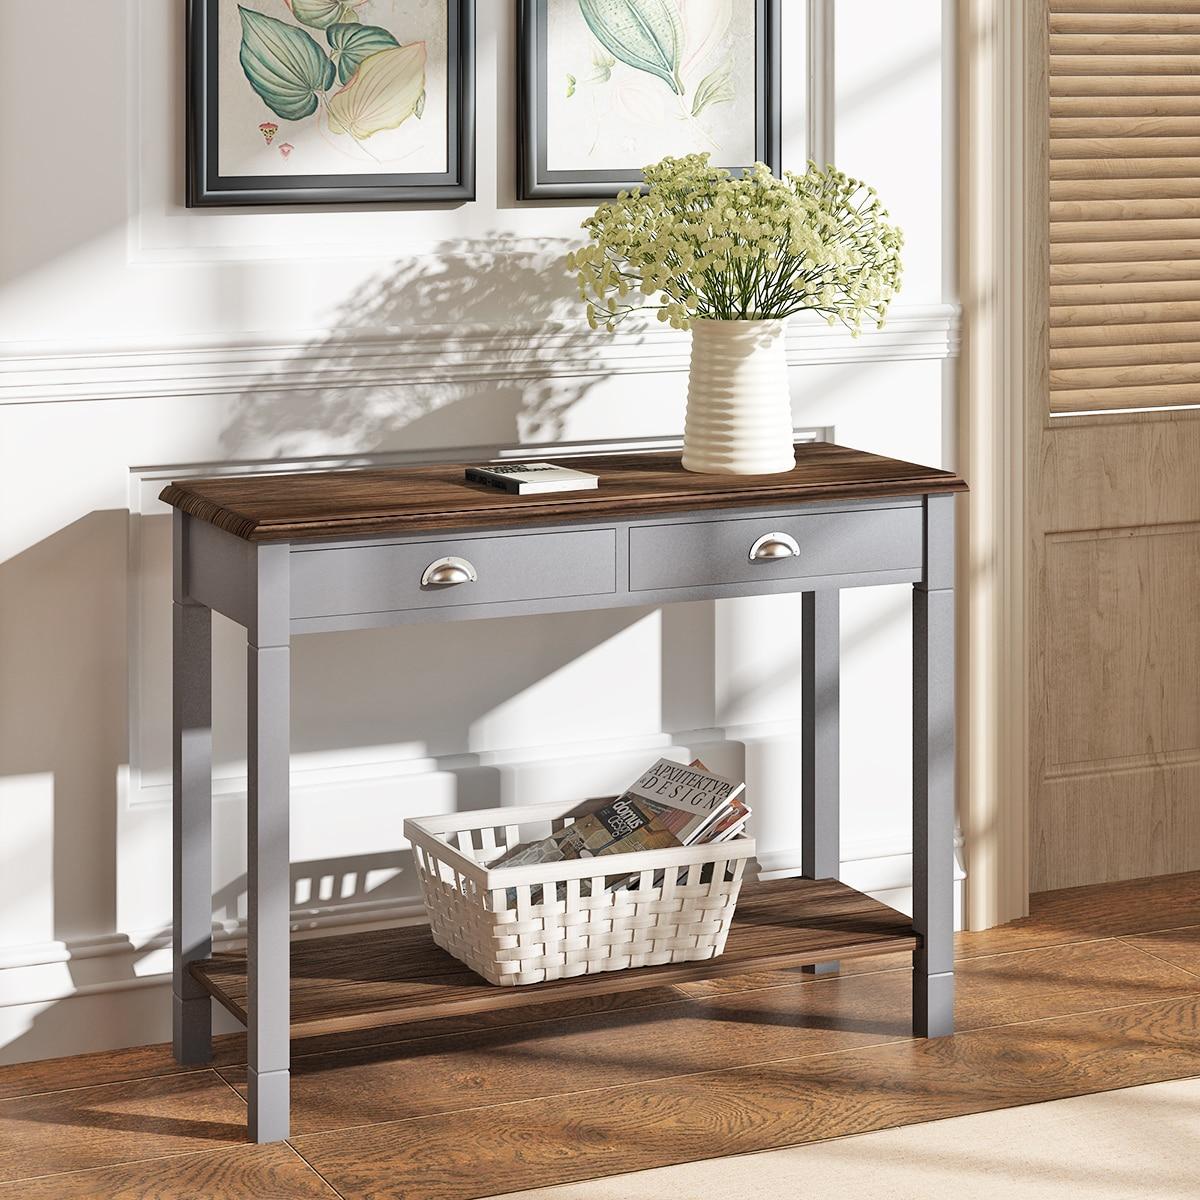 Panana Moderm chêne Console/Dressing/téléphone/couloir Table bureau avec tiroir étagère armoire de rangement